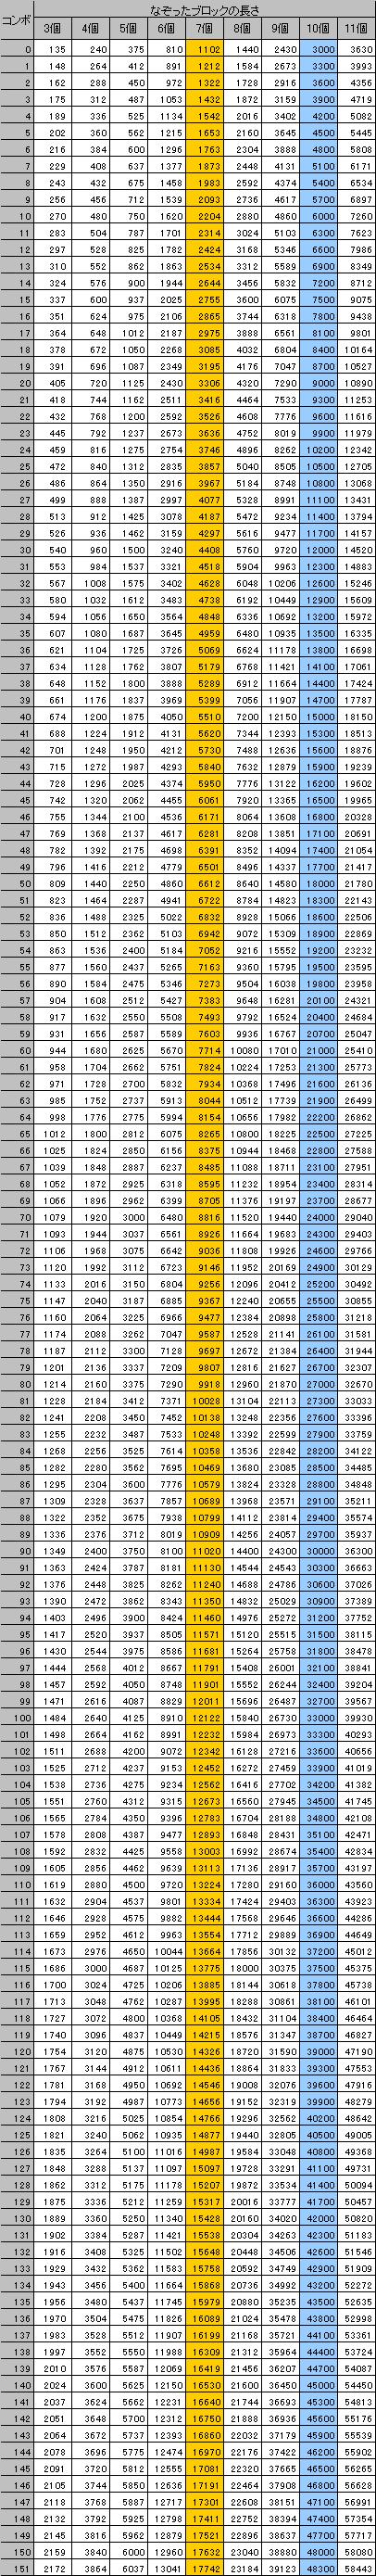 各コンボ数におけるなぞったブロックから取得できる点数